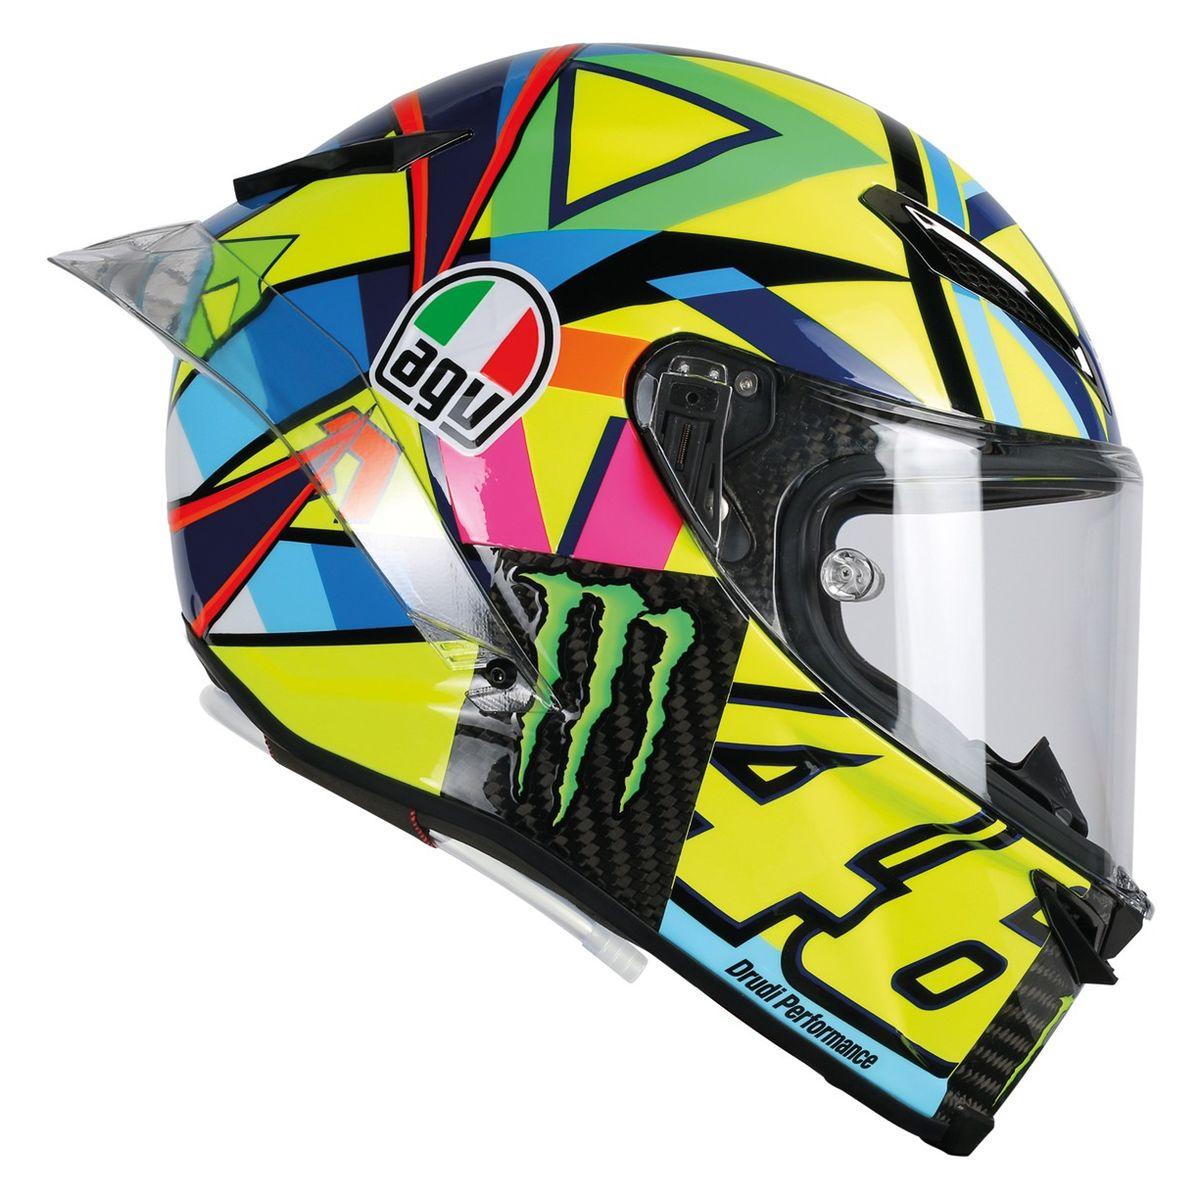 agv pista gp r carbon rossi soleluna 2016 helmet for sale in miami